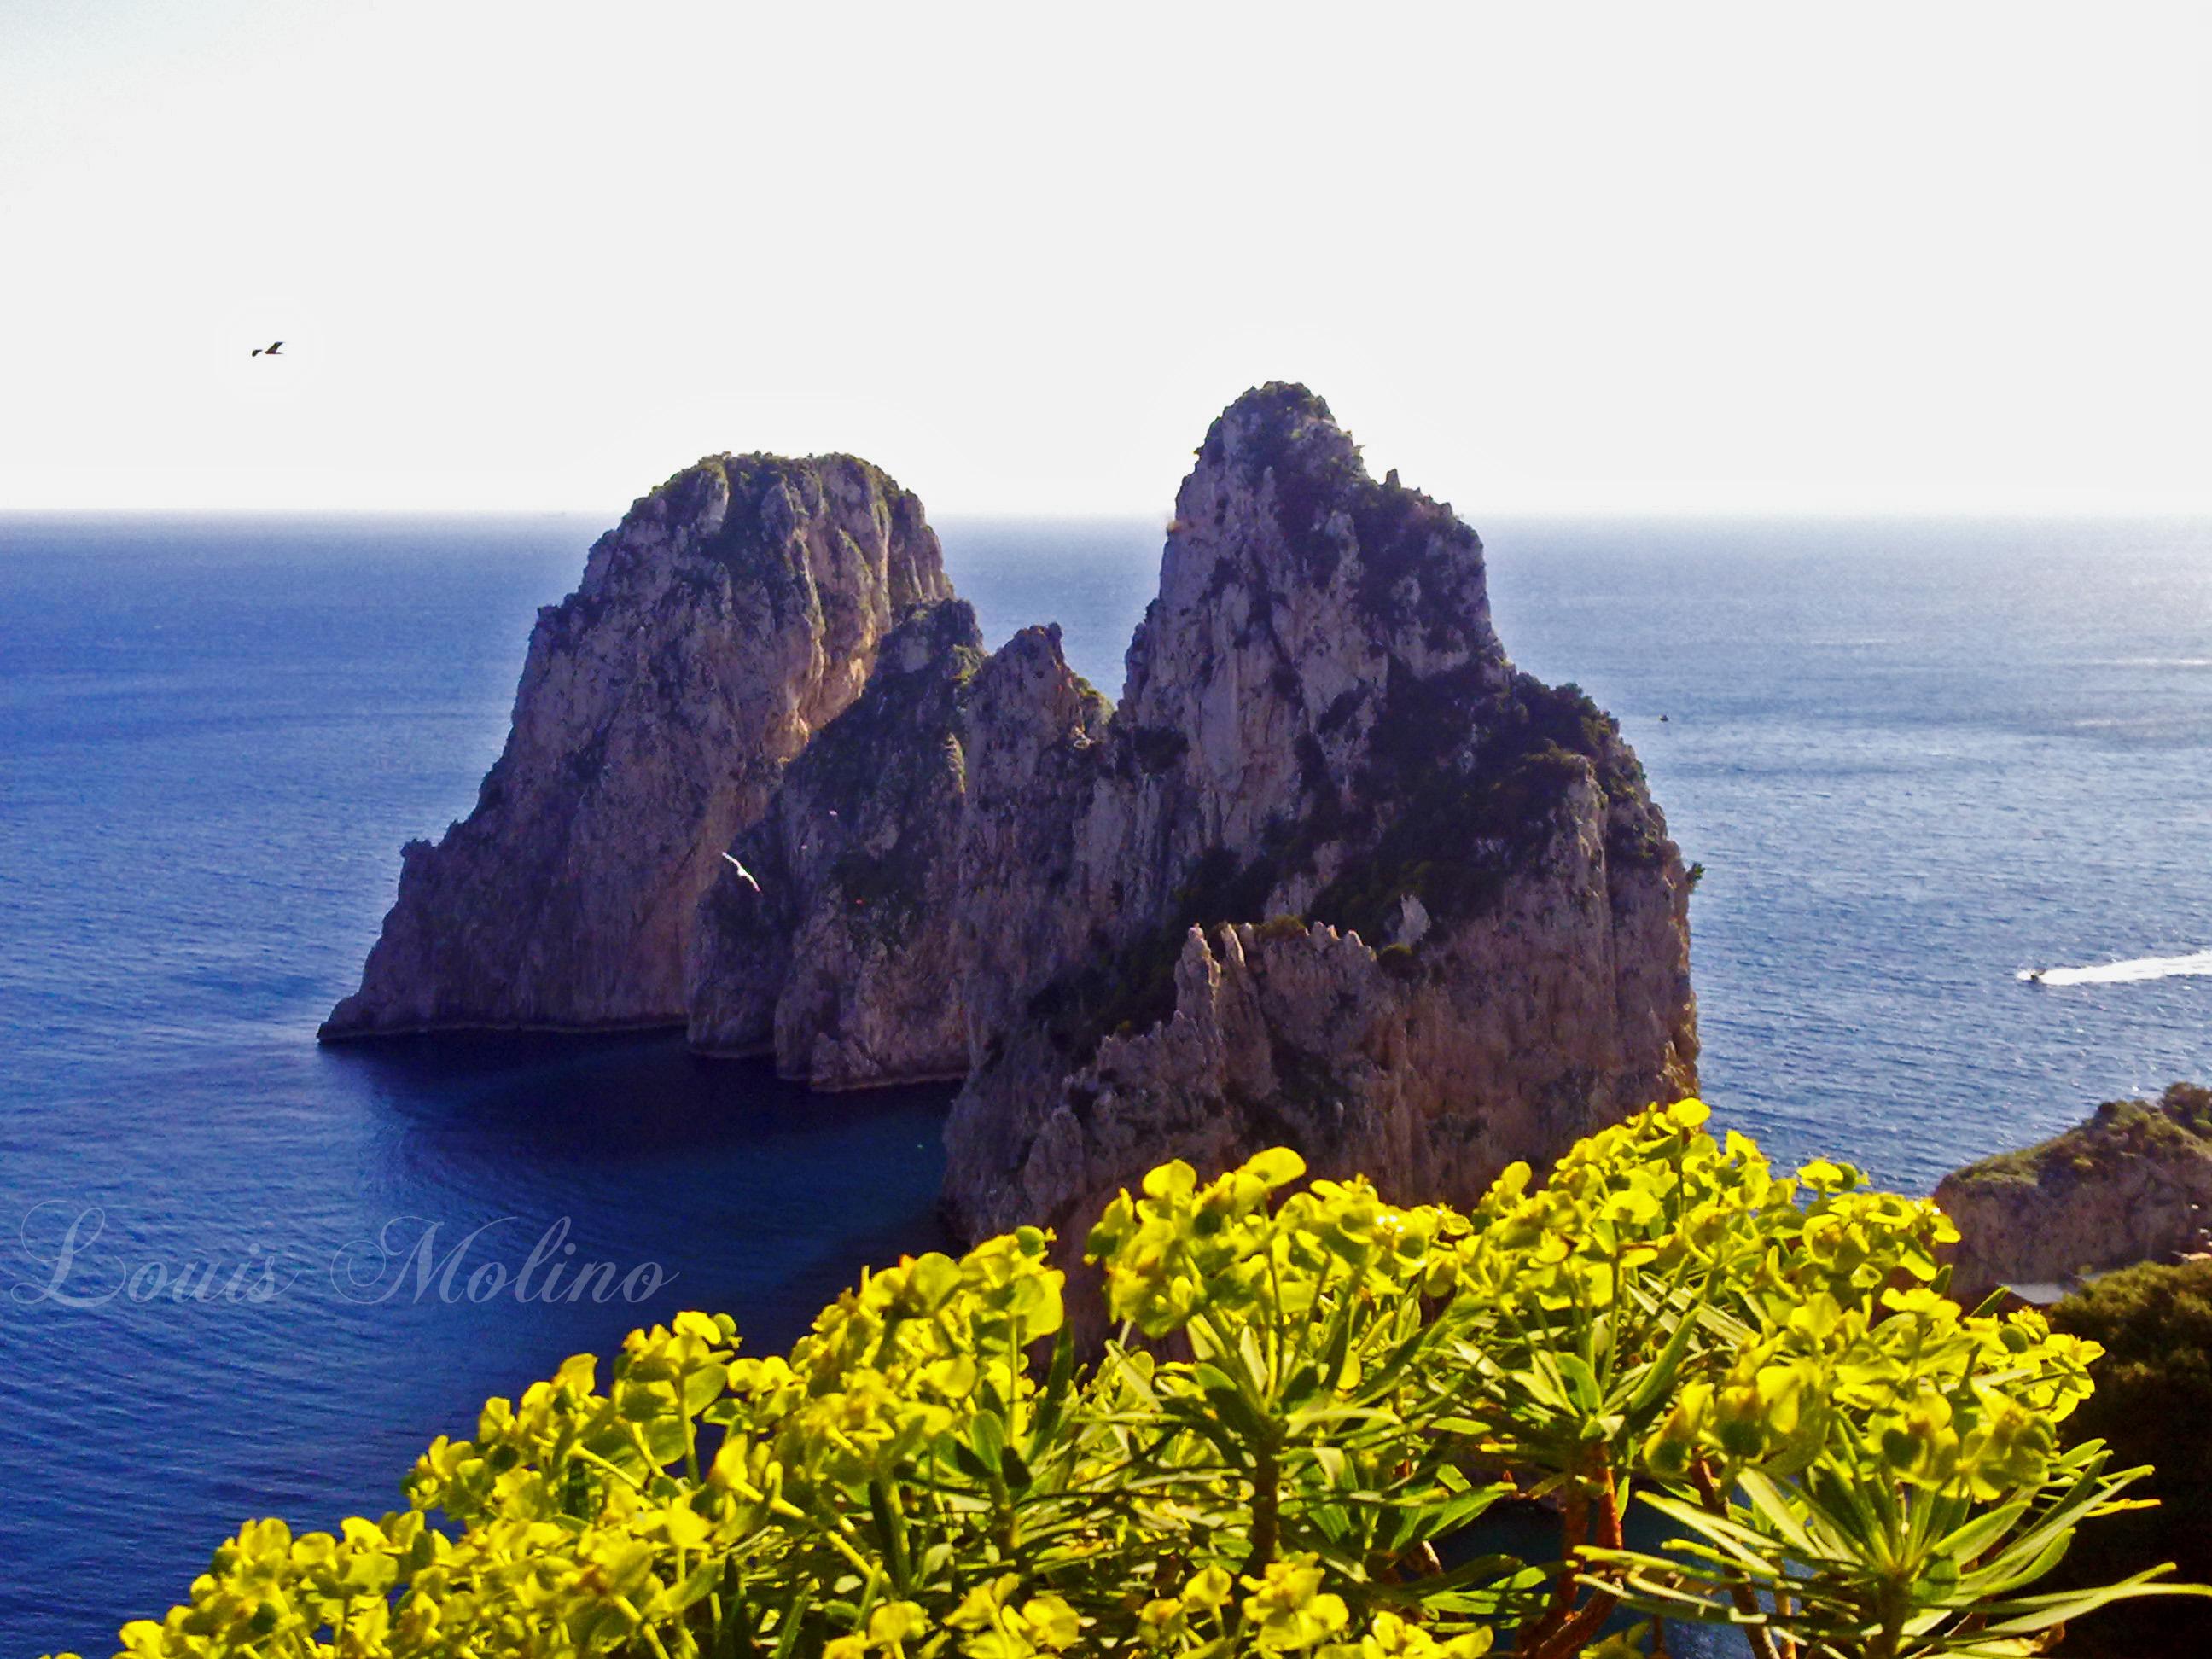 Parchi, riserve e aree marine protette  nella trasmissione Lineablu del 02/11/2013